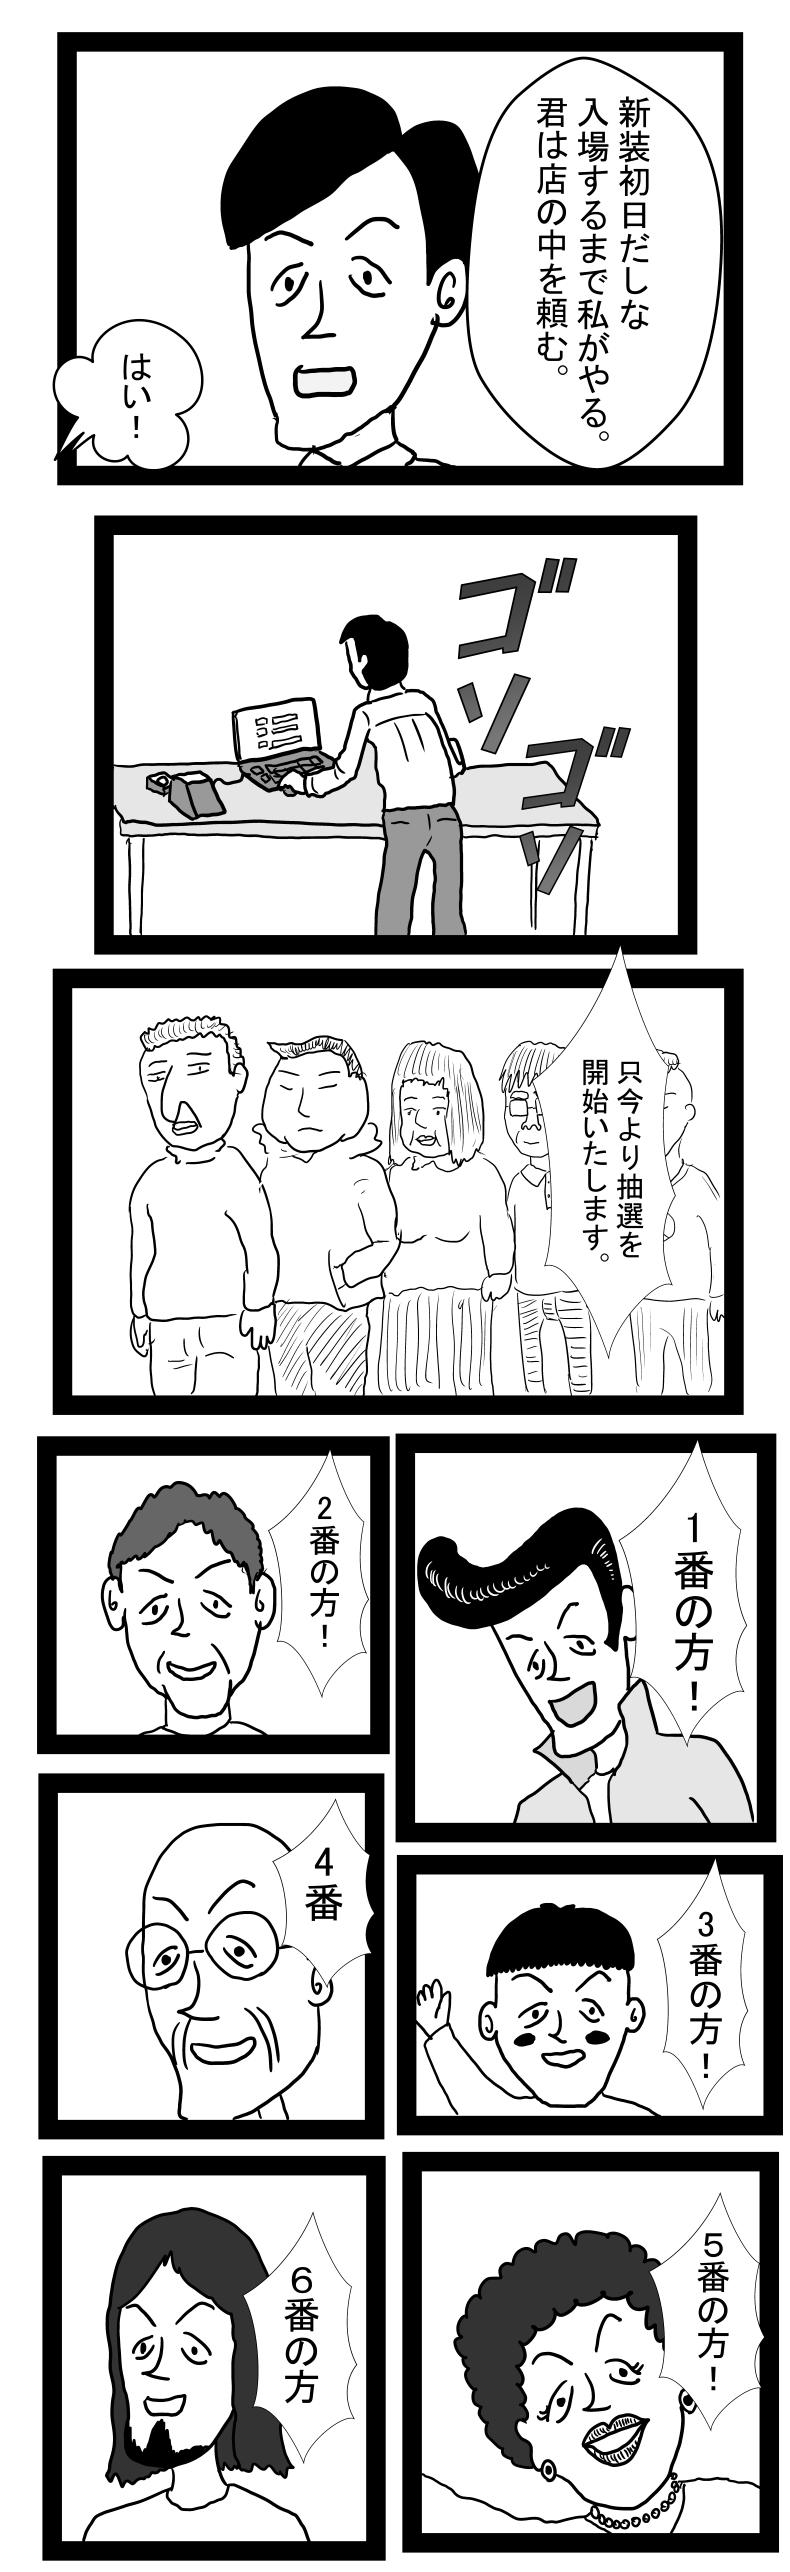 WEBパチスロ漫画 1ページ